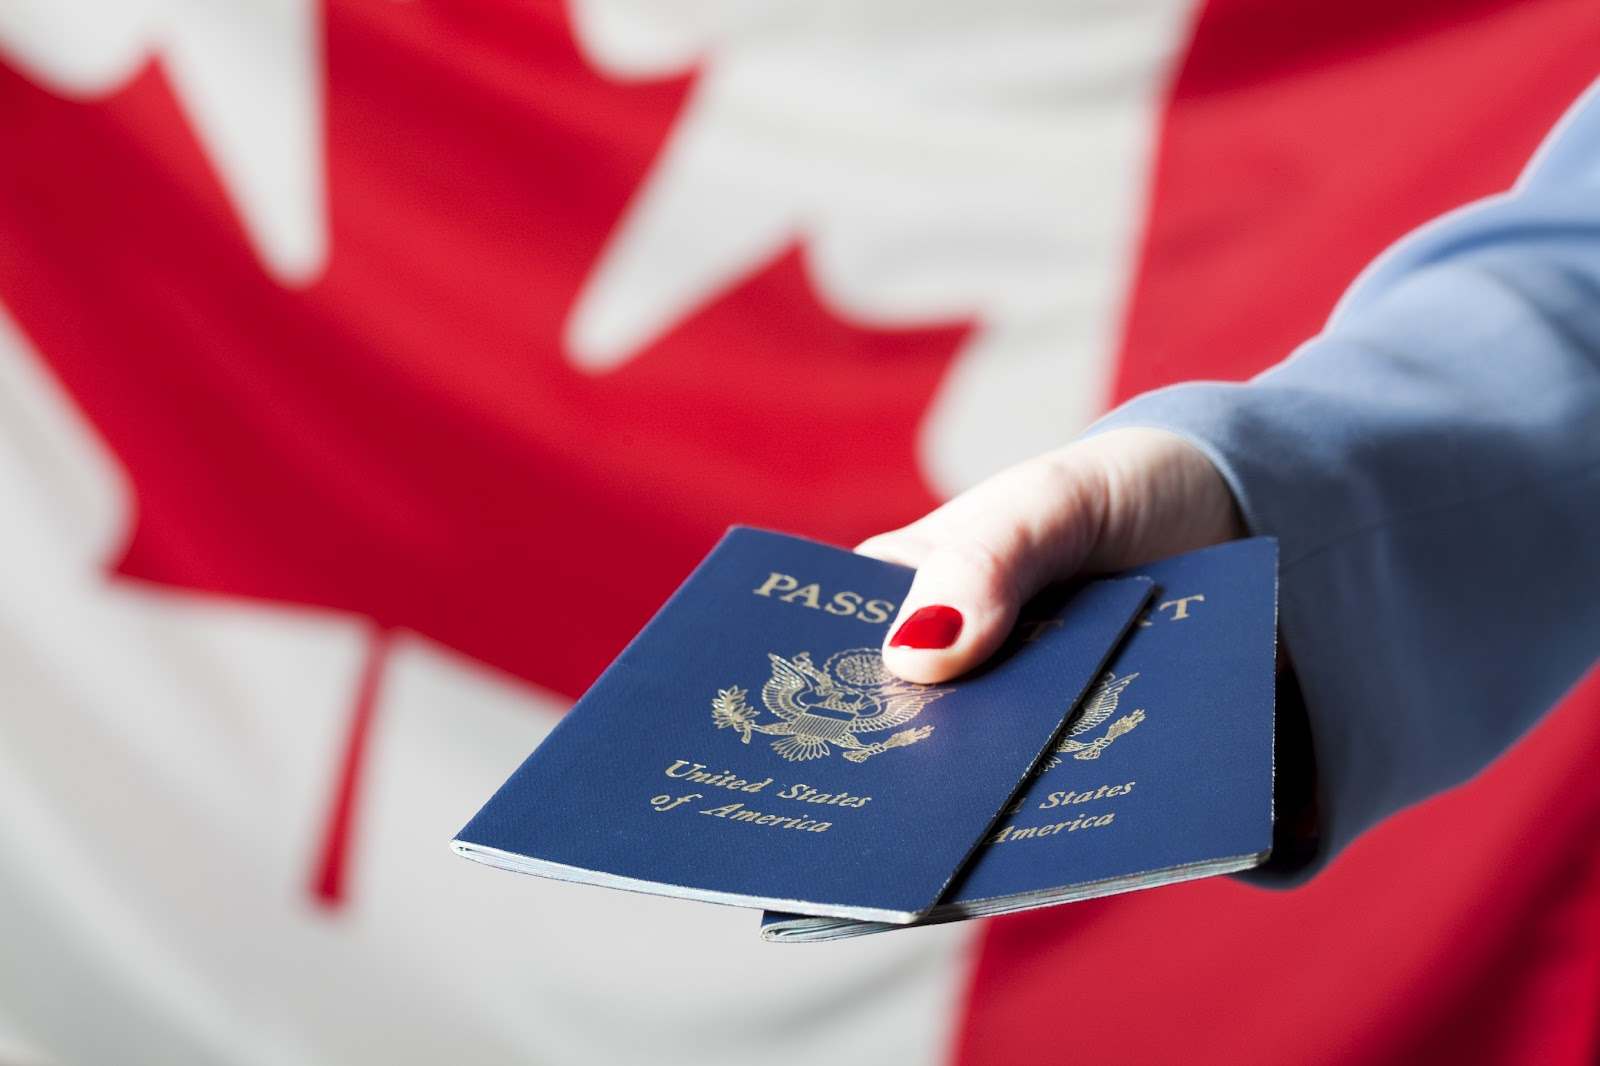 مهاجرت به کانادا چه شرایطی دارد؟